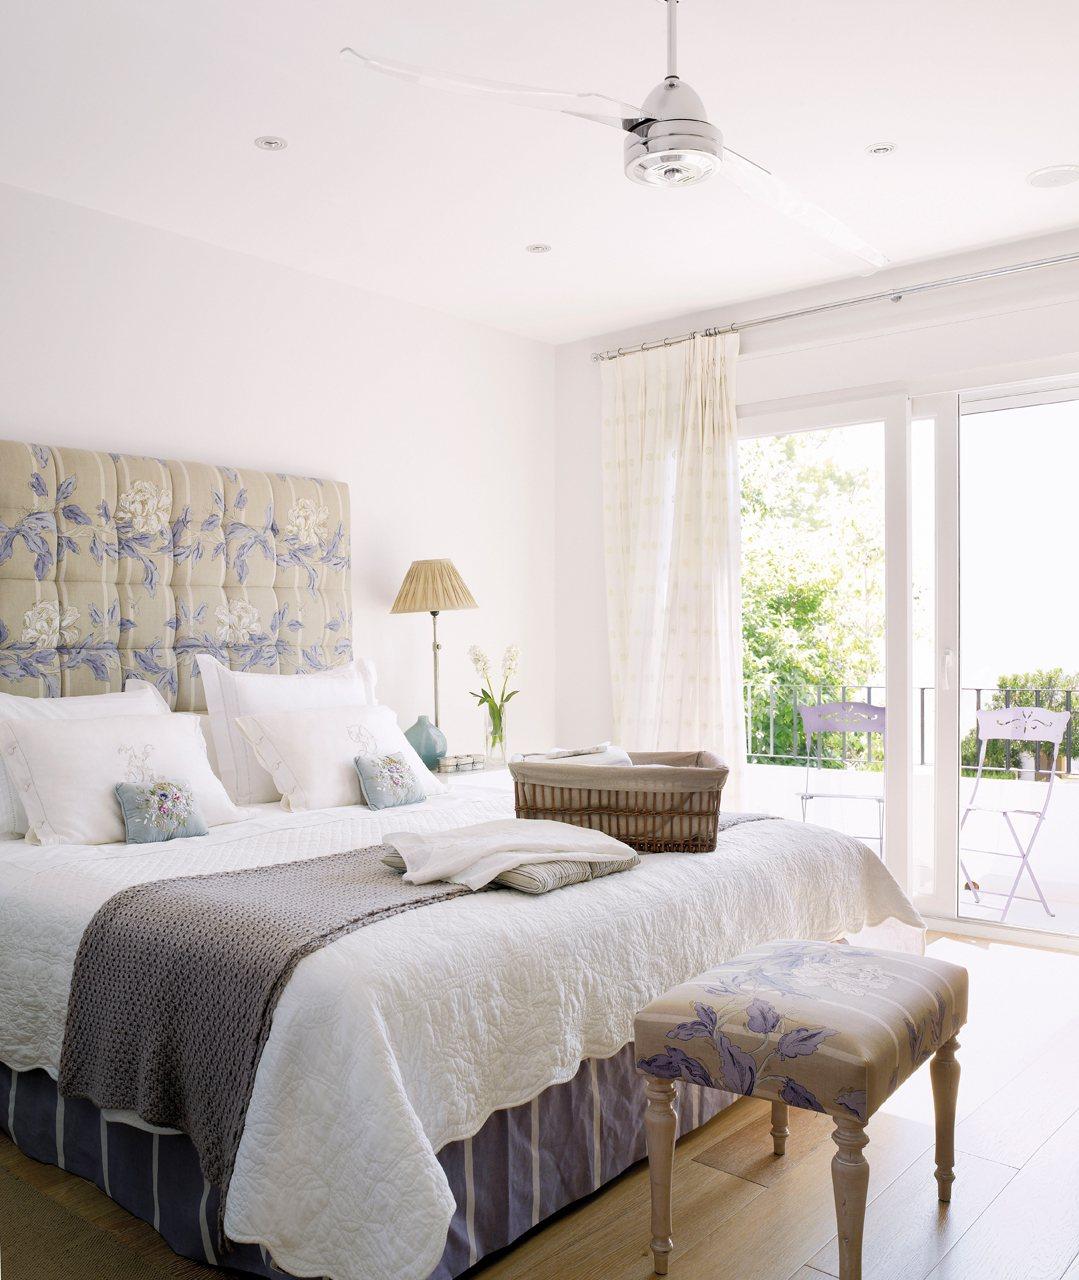 Estrena dormitorio renovando las telas - Decorar muebles con tela ...